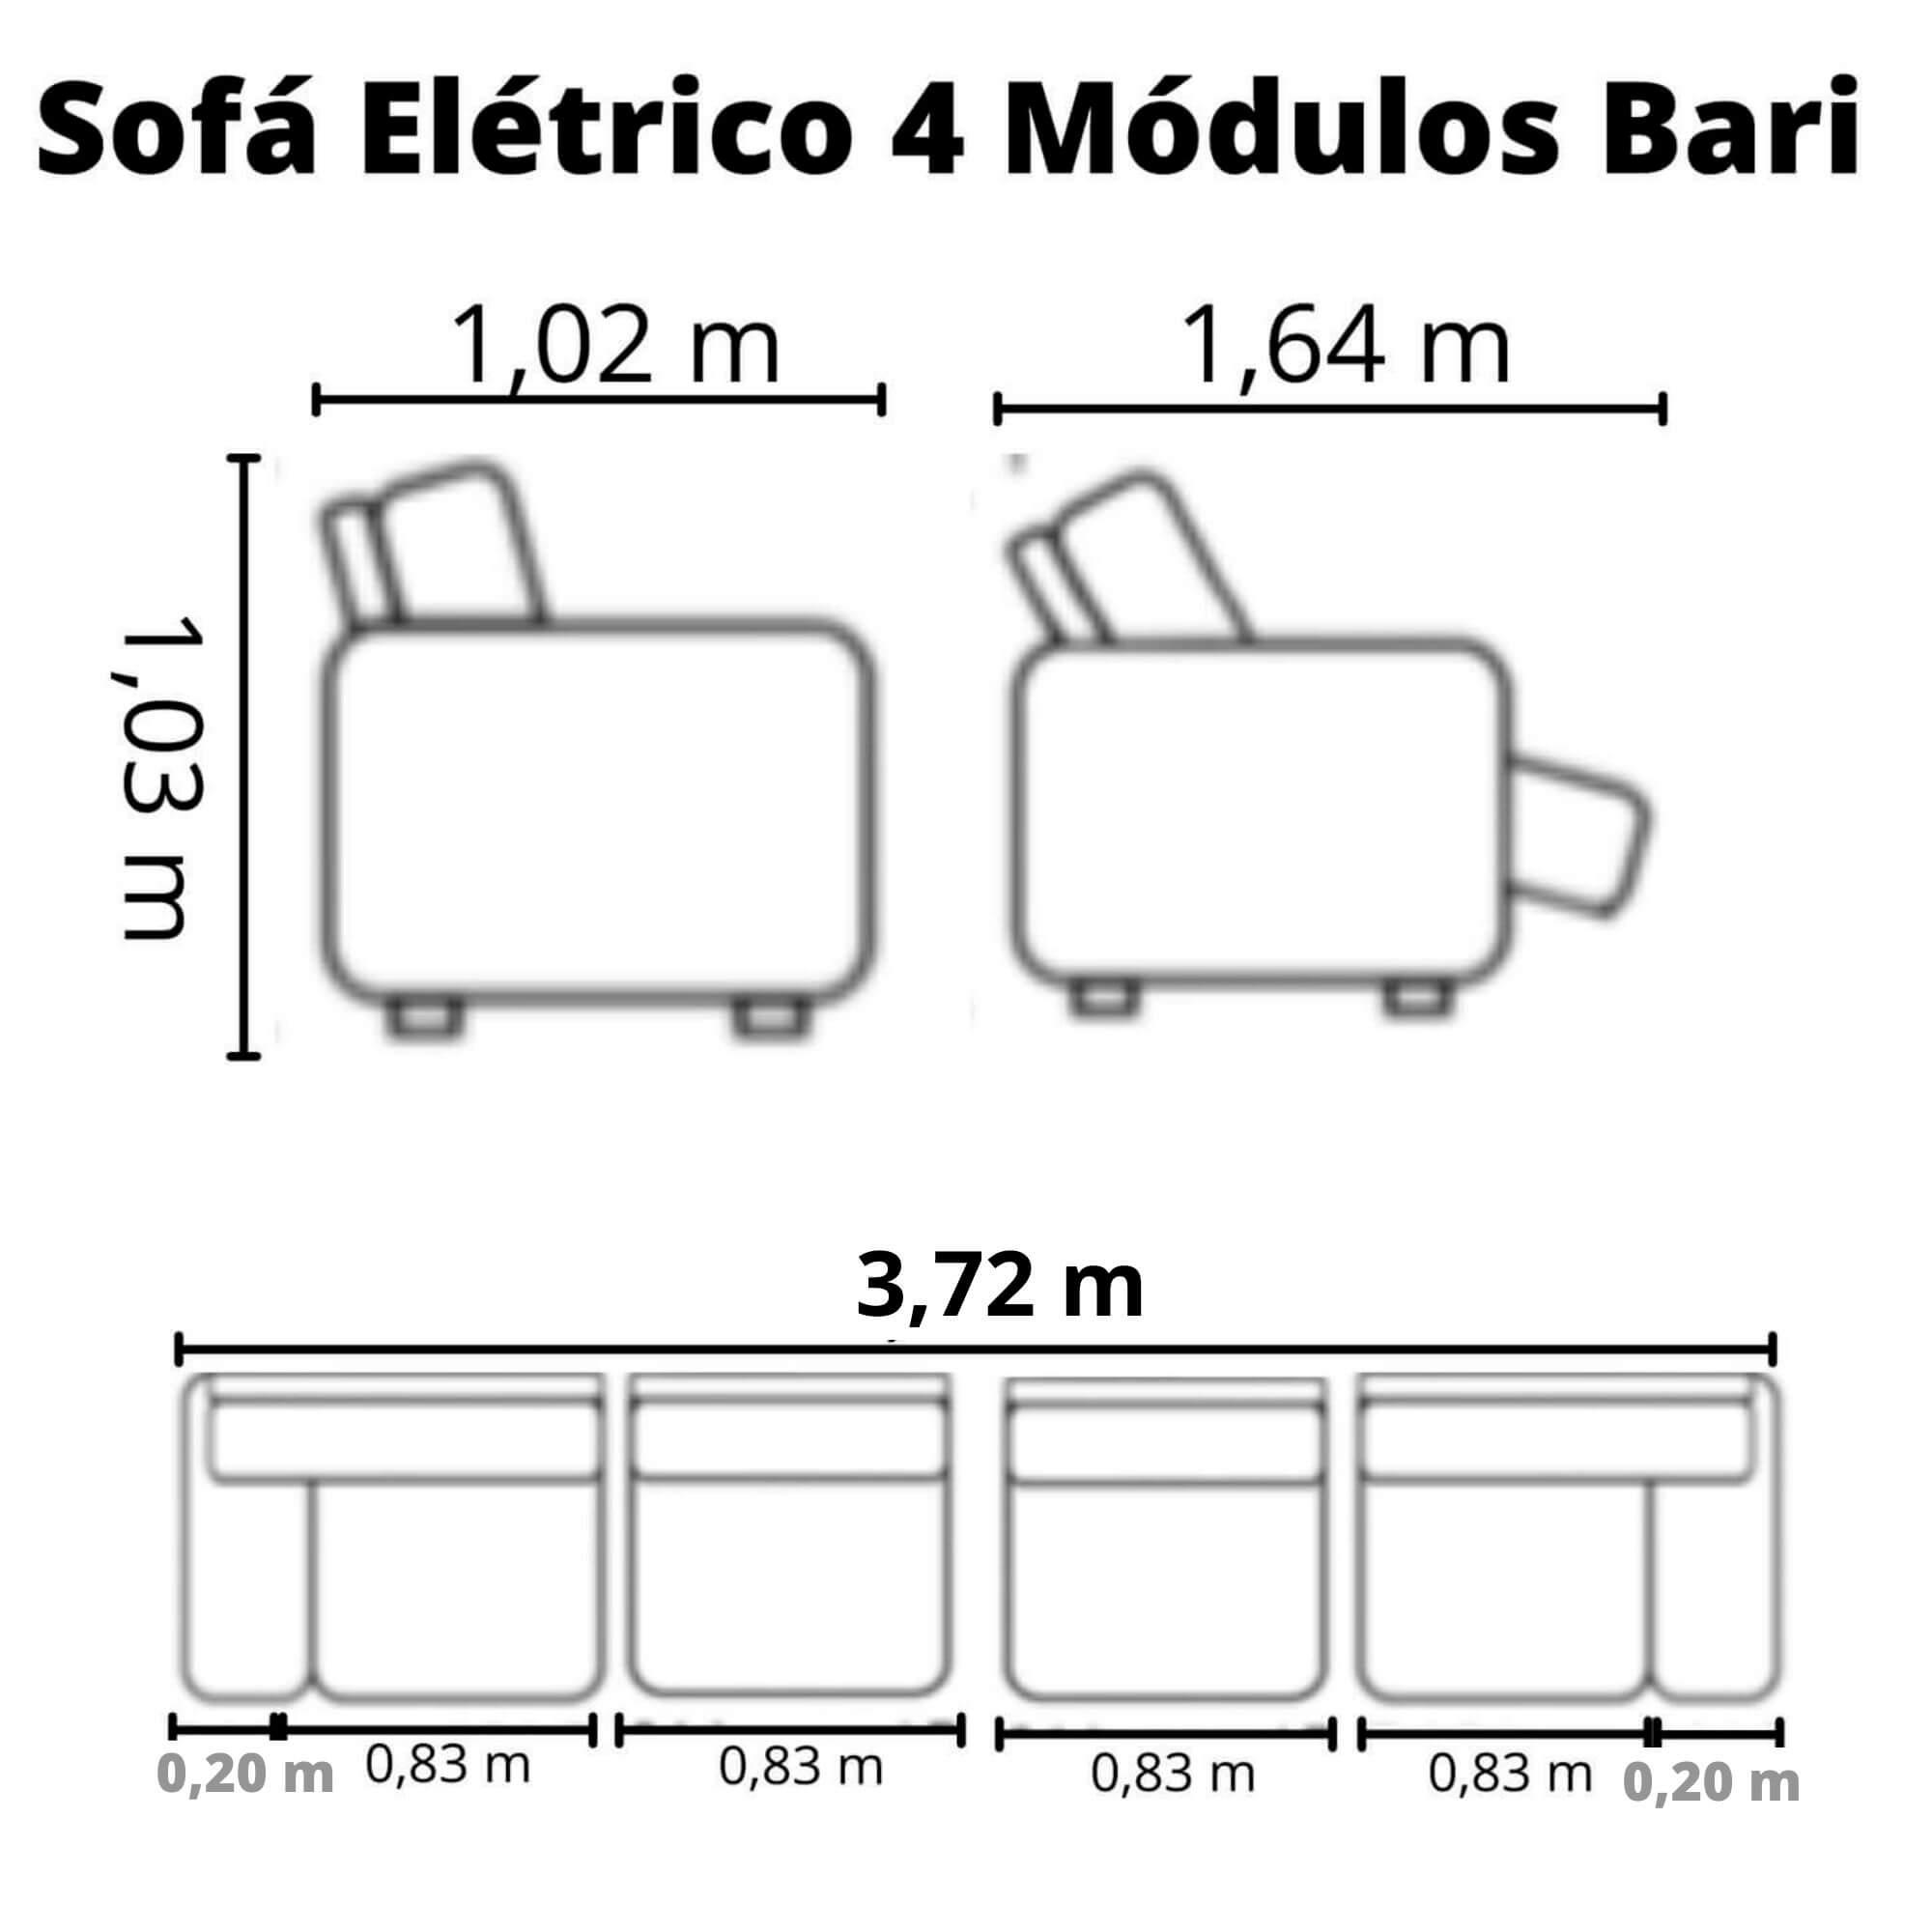 Sofá Retrátil Elétrico de Couro 372cm - Bari Grey Light